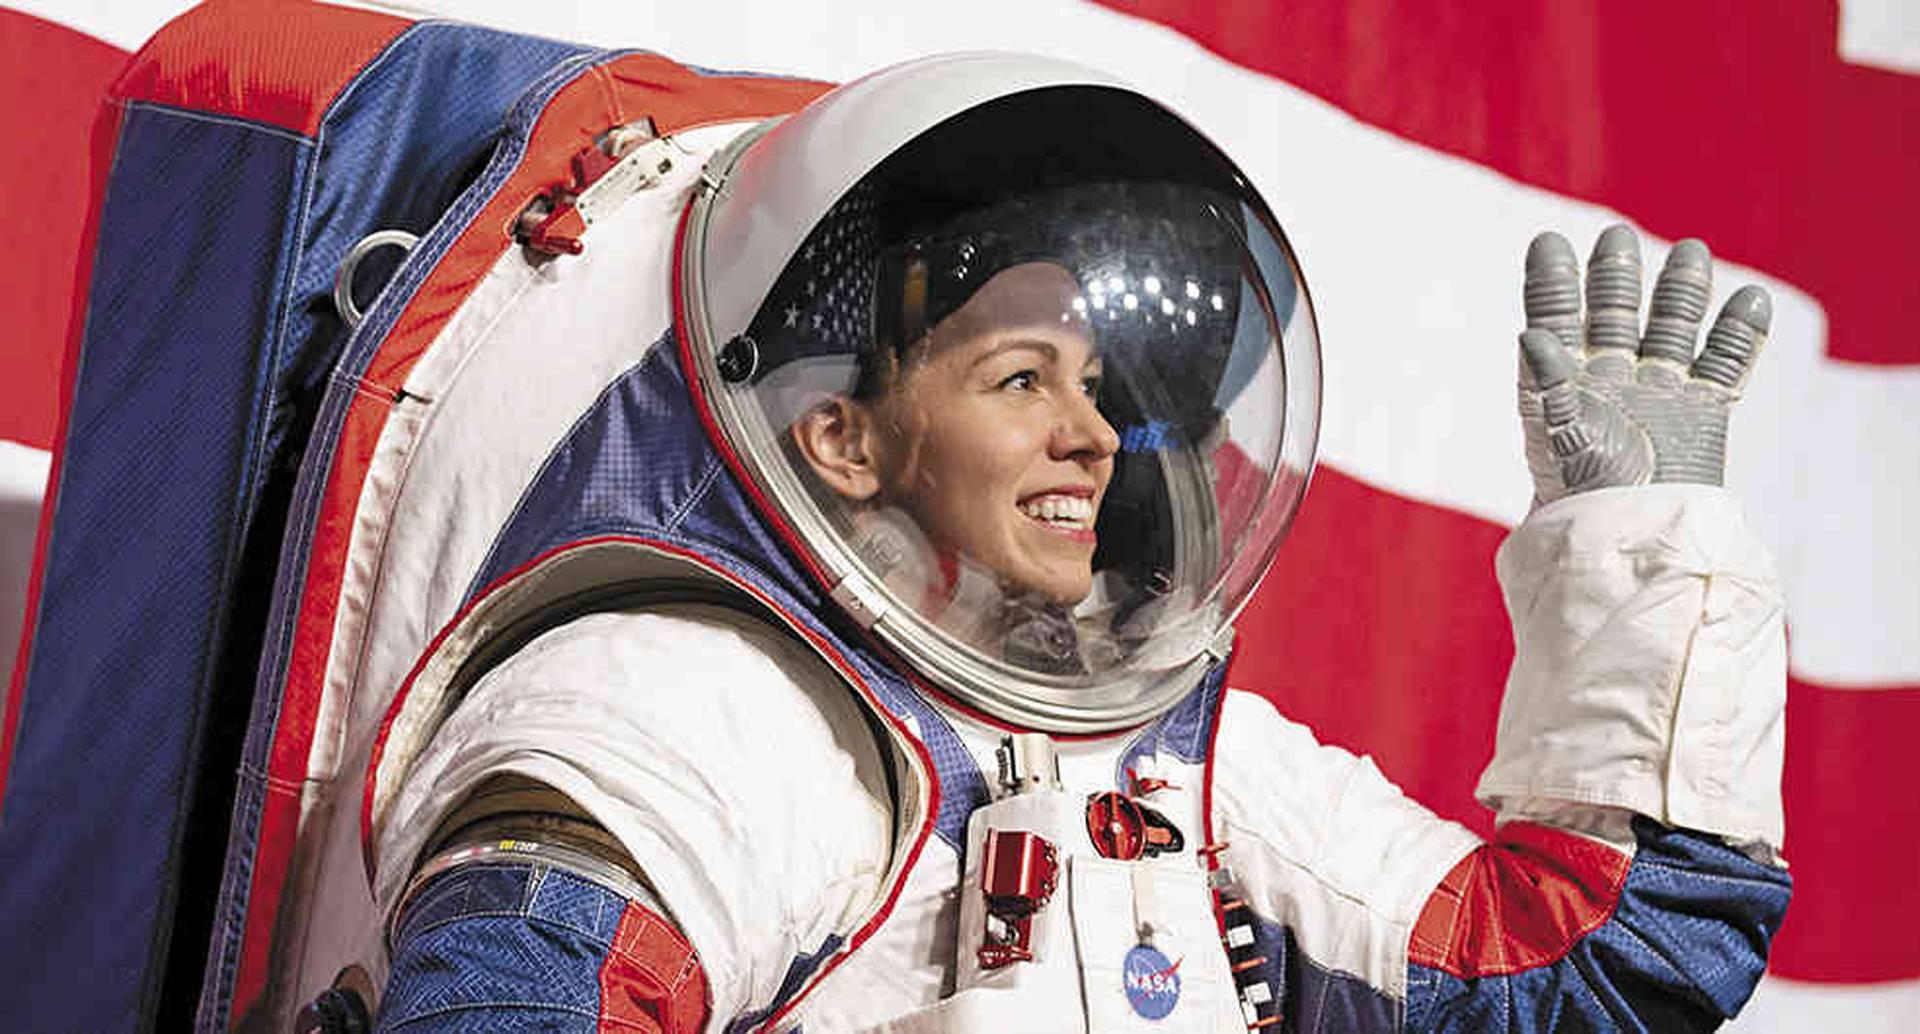 Las mujeres por fin caminaron en el espacio.